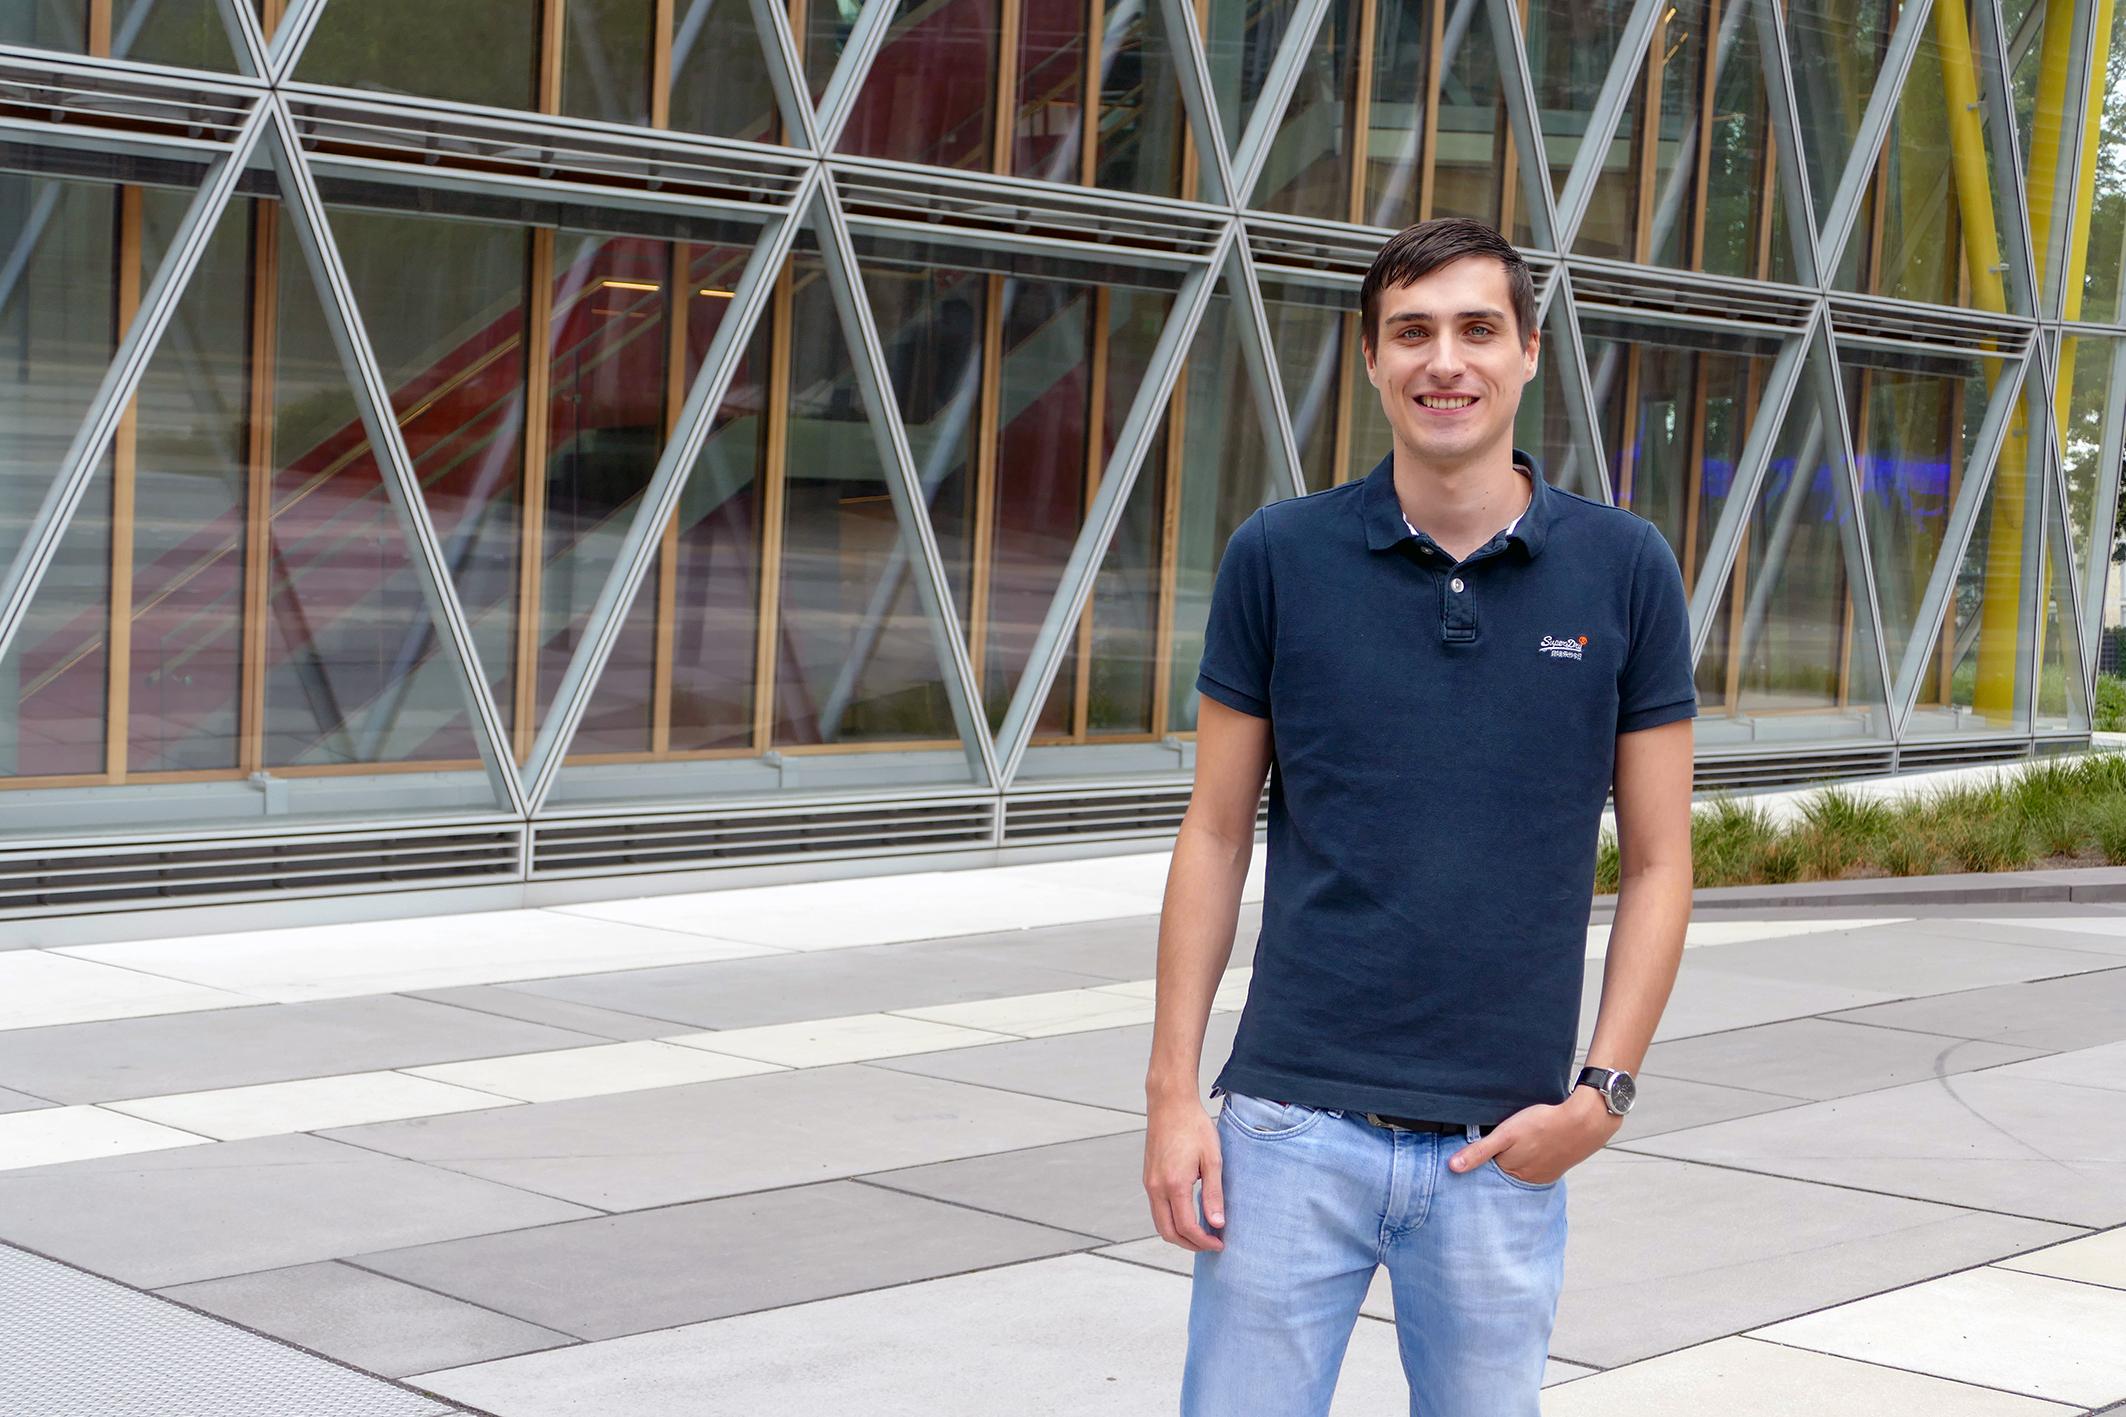 Abschluss mit Auszeichnung: Der Informatikabsolvent Jonas Waldmann wurde mit dem diesjährigen Hochschulpreis der FH Münster ausgezeichnet. In seiner Bachelorarbeit bei der LVM Versicherung entwickelte er eine Verwaltungssoftware für die Ken